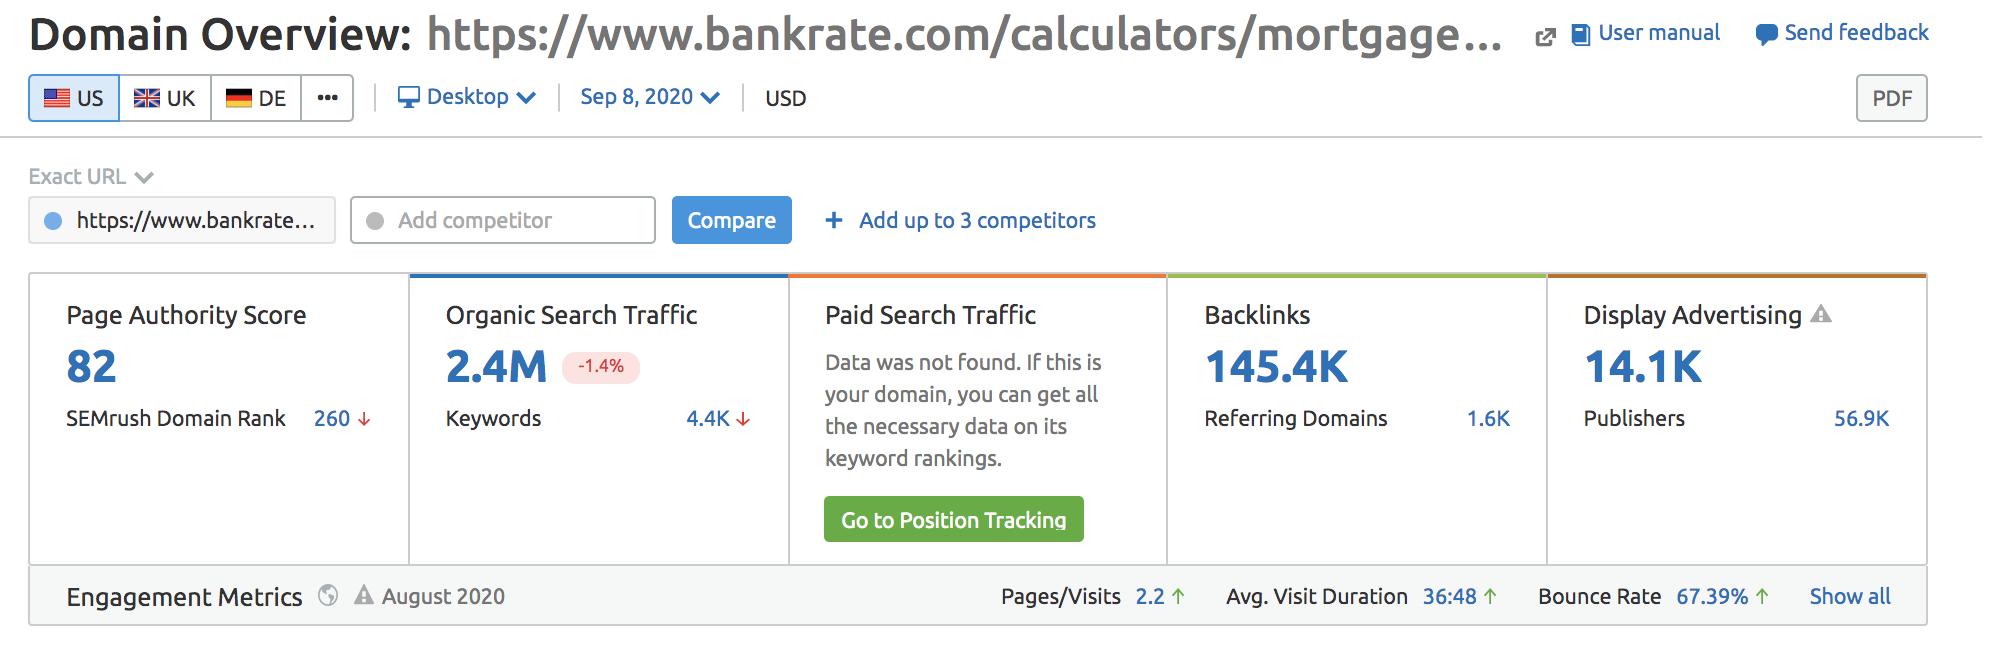 semrush bankrate mortgage calculator organic data screenshot